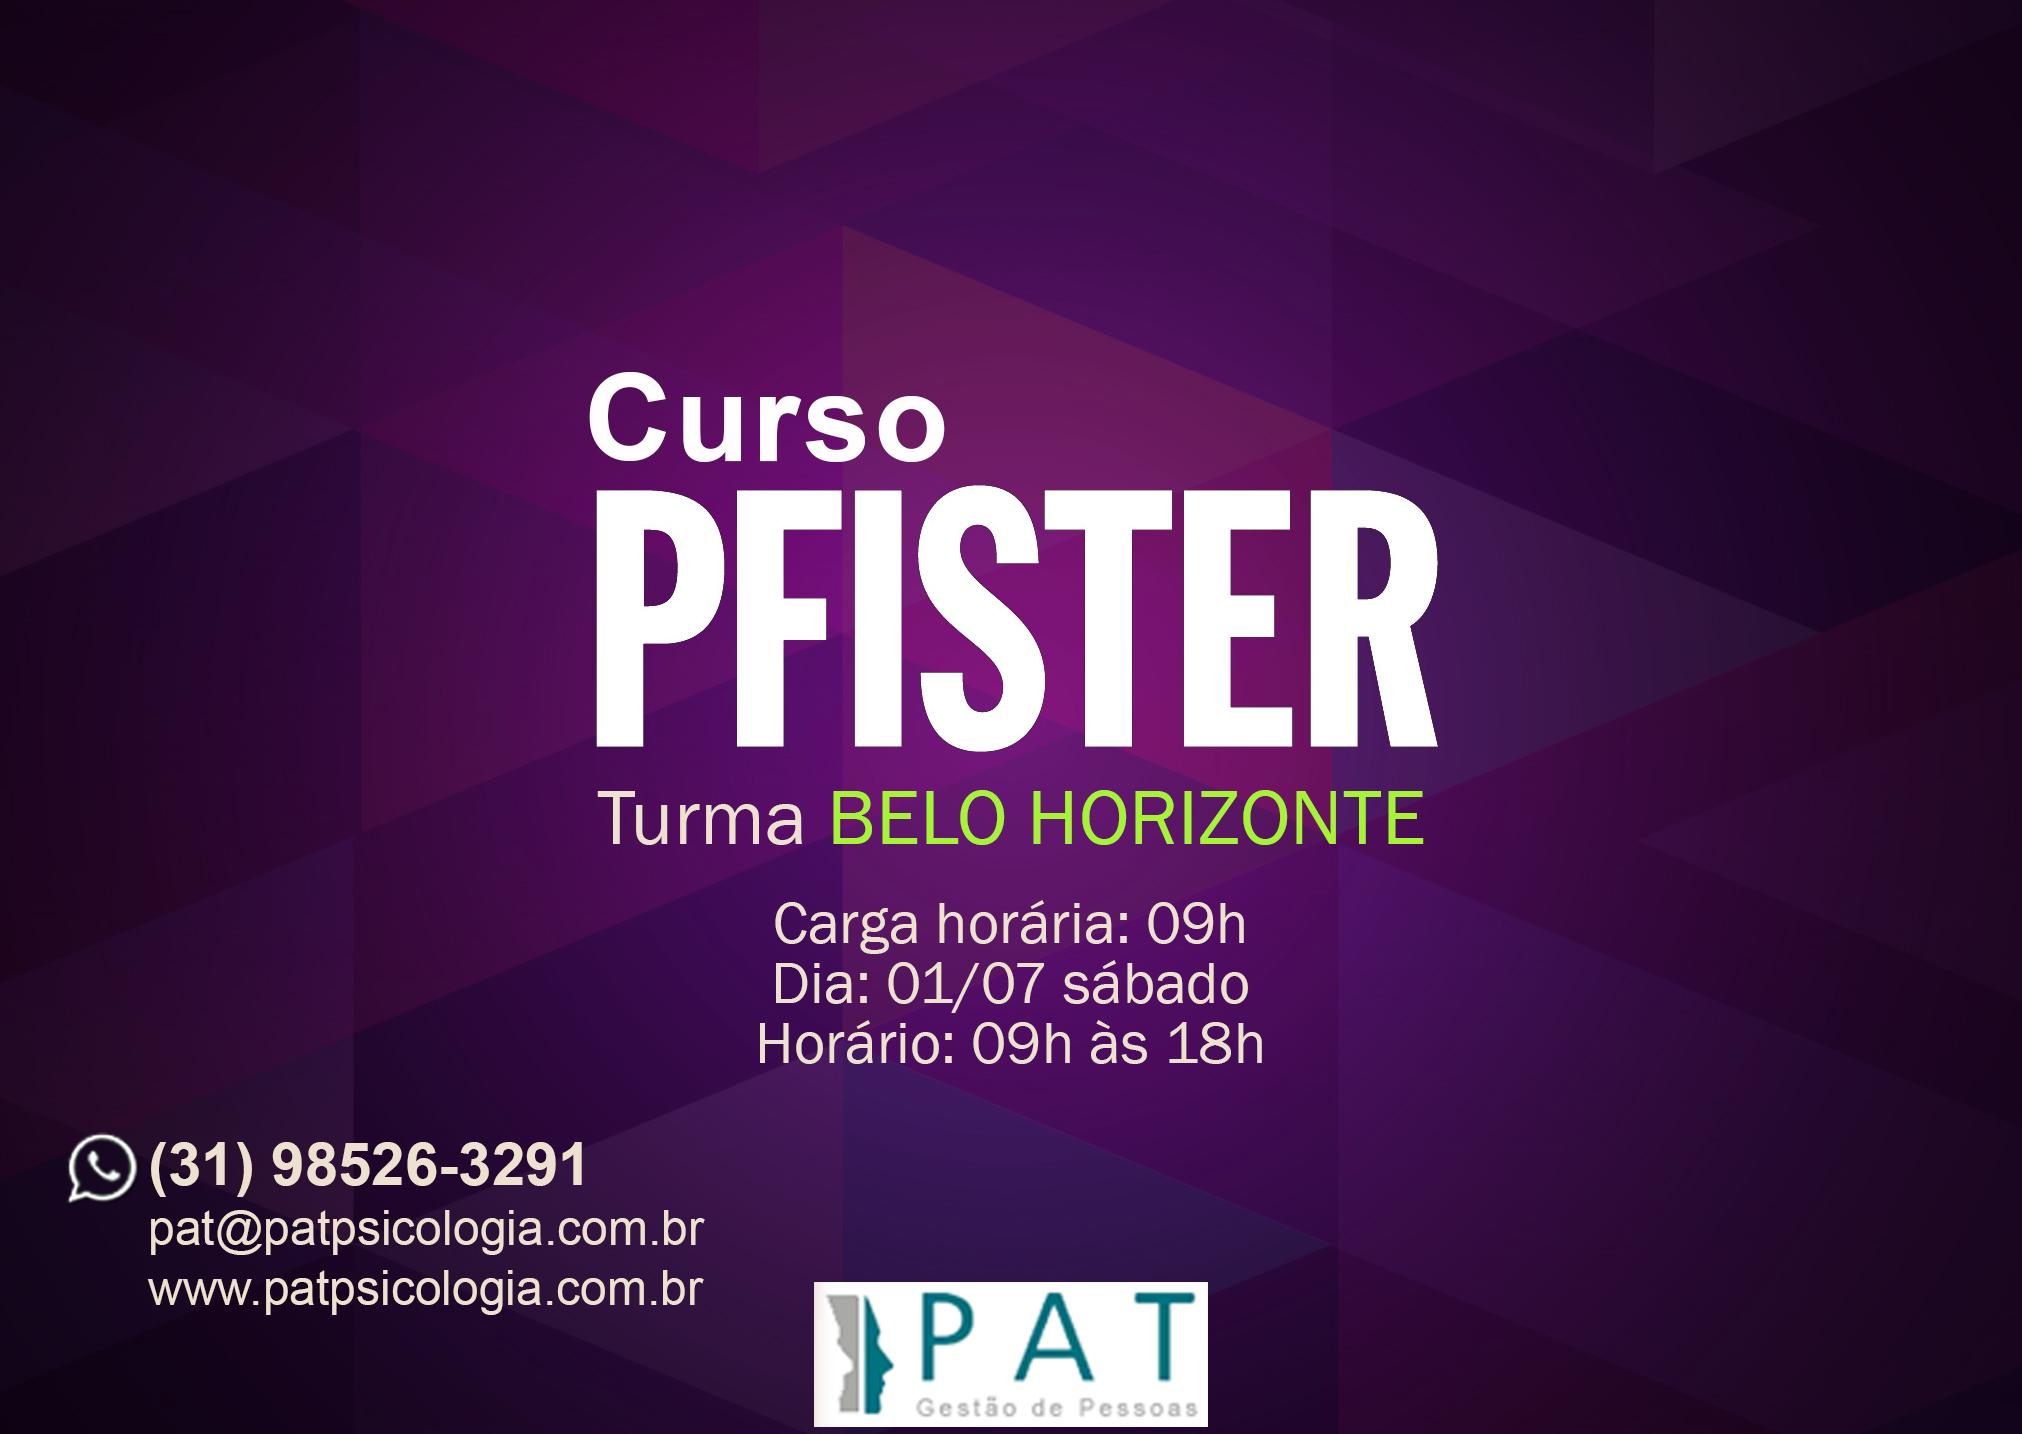 Curso de Pfister - Turma Belo Horizonte